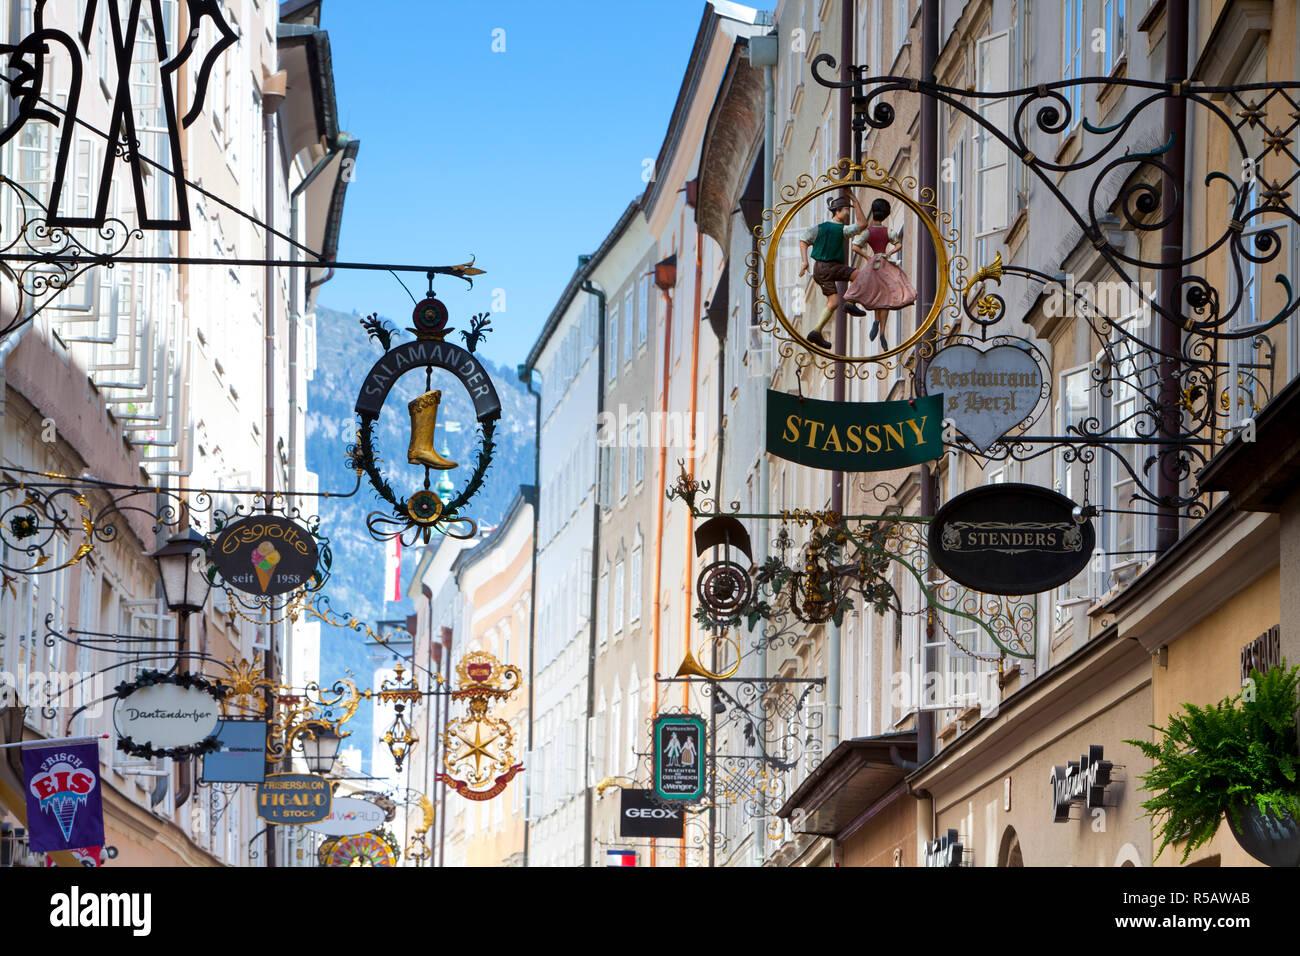 Geox Shops & Gastronomie EUROPARK Salzburg